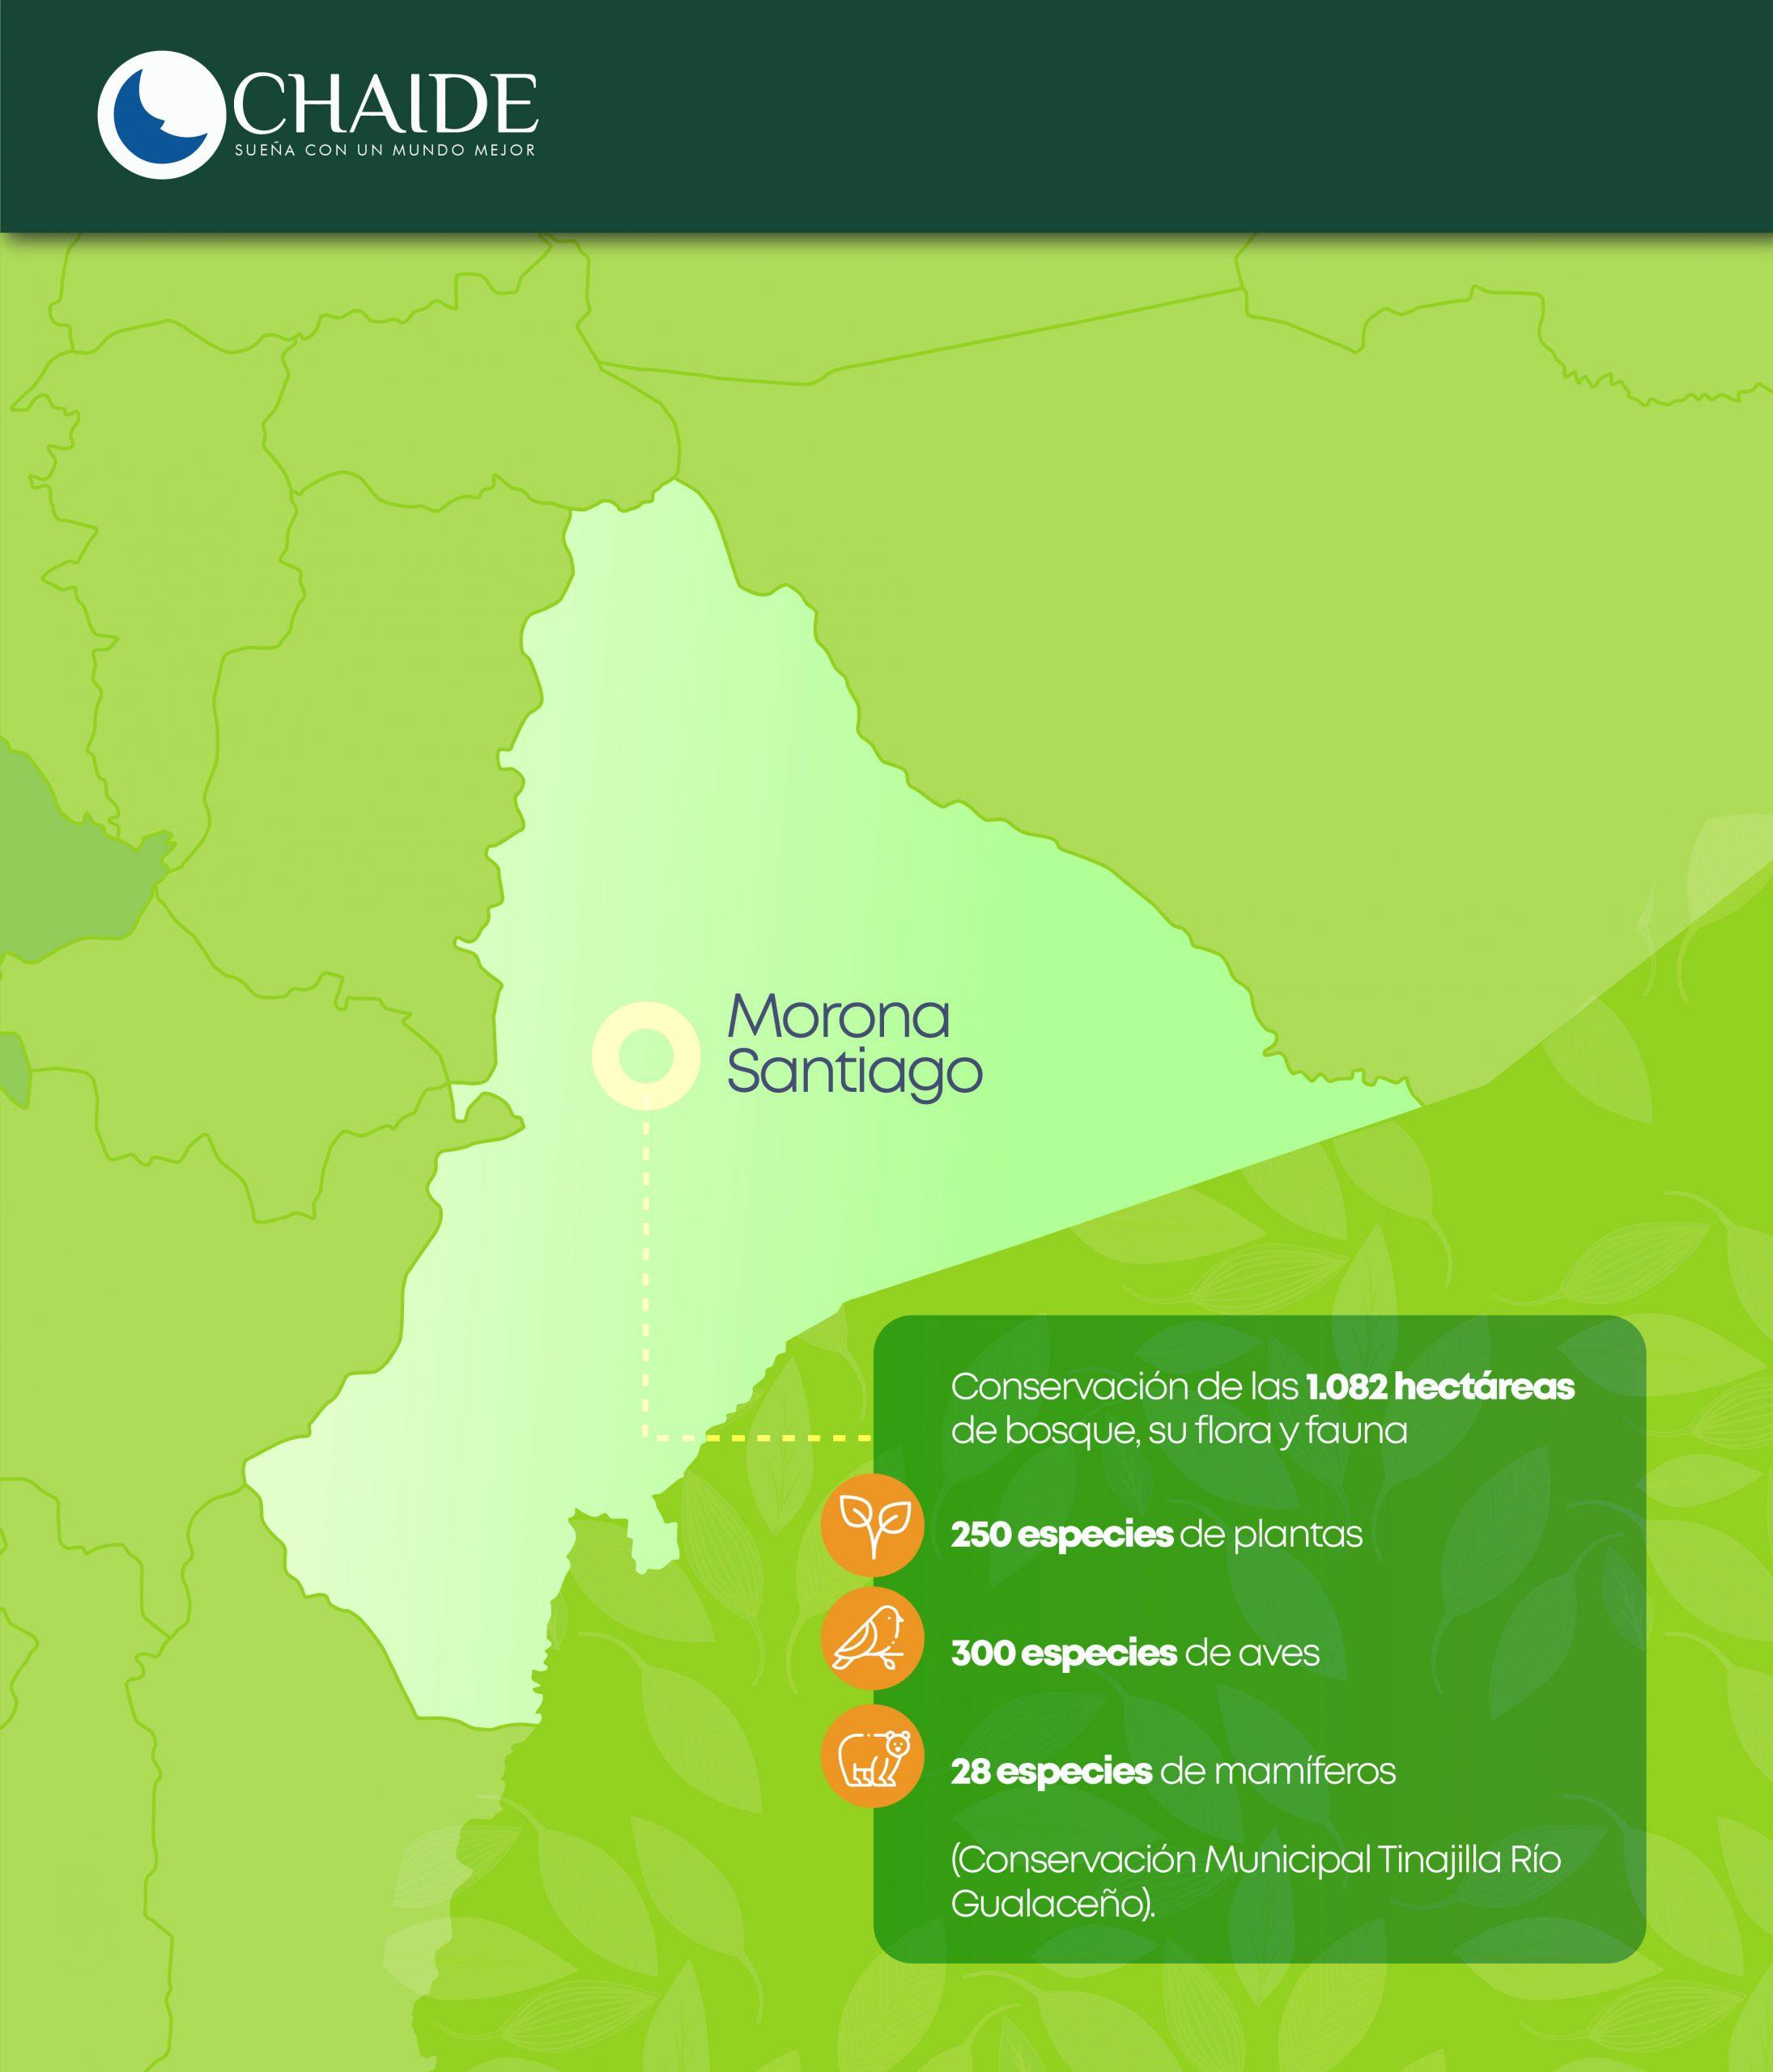 Una alianza público-privada impulsa la conservación de 1.082 hectáreas de bosque en la Amazonía